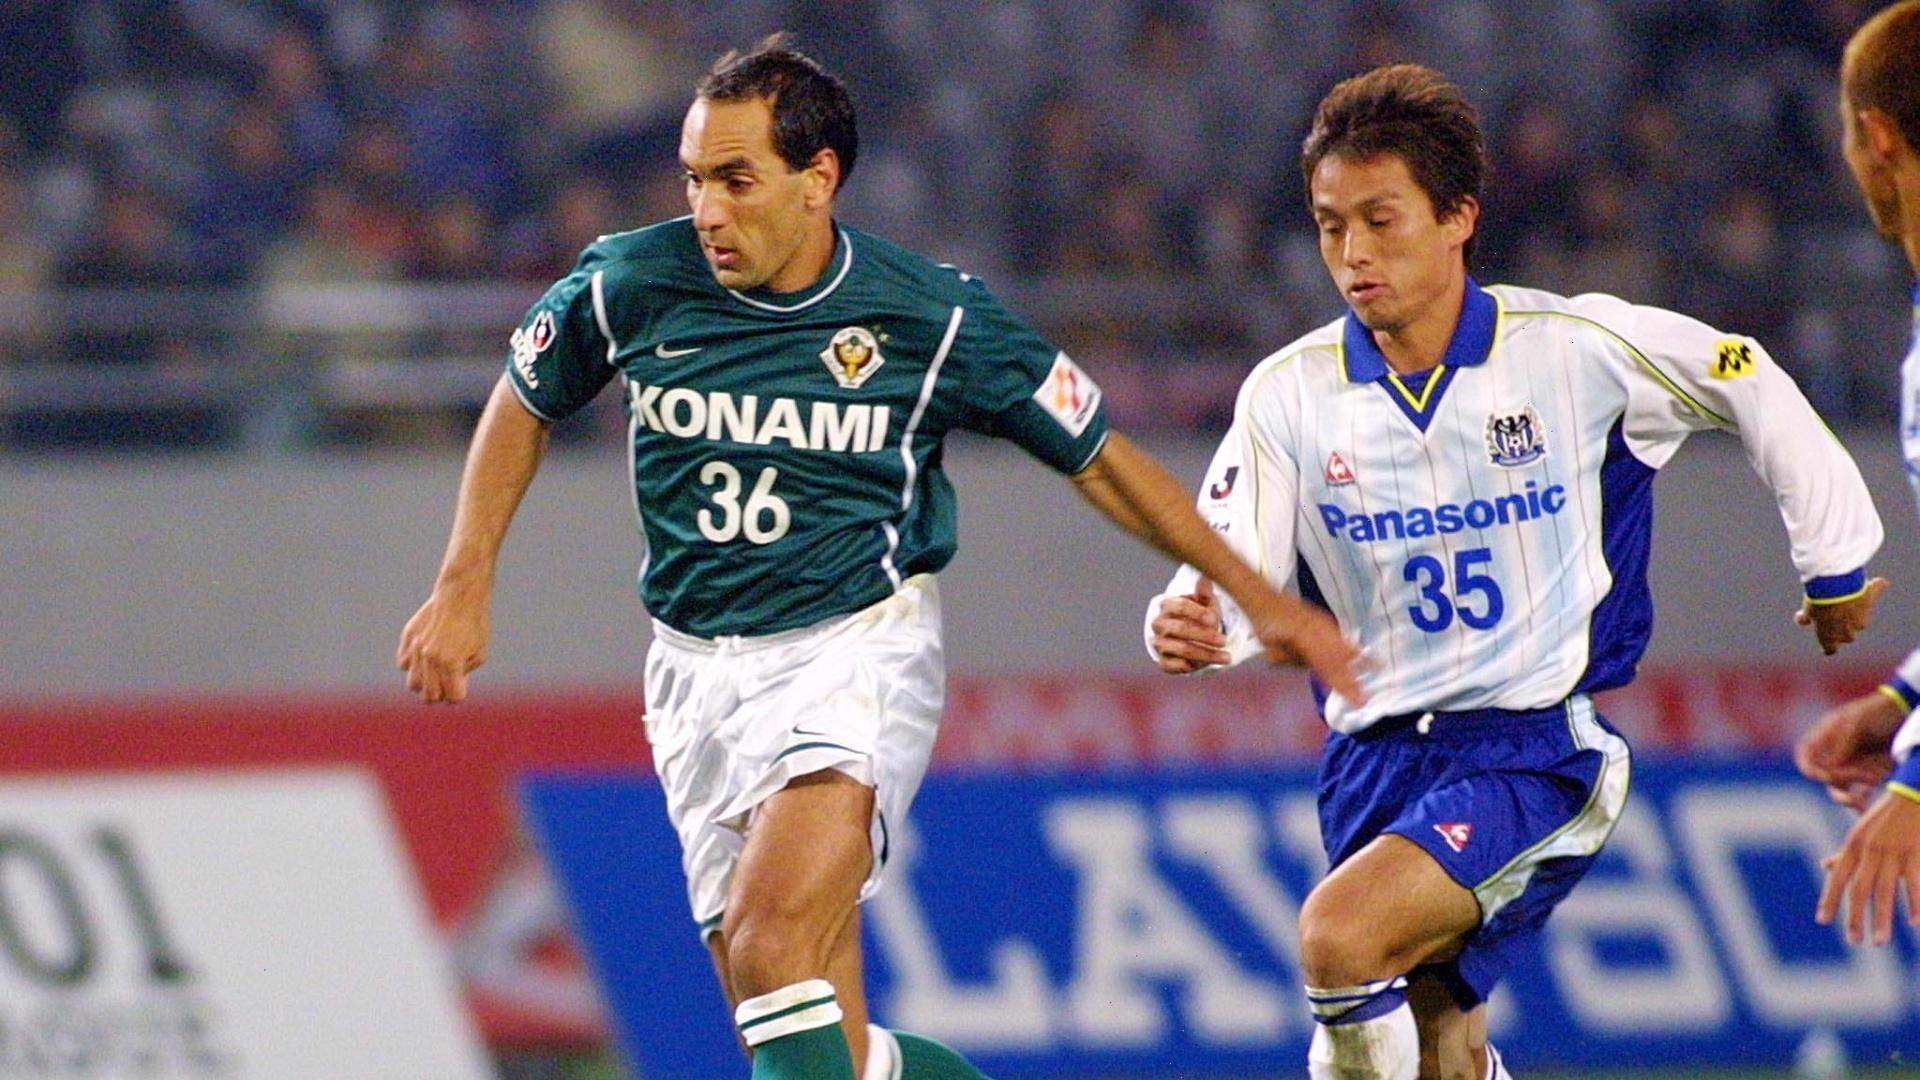 Edmundo conduz a bola em partida pelo Tokyo Verdy, do Japão